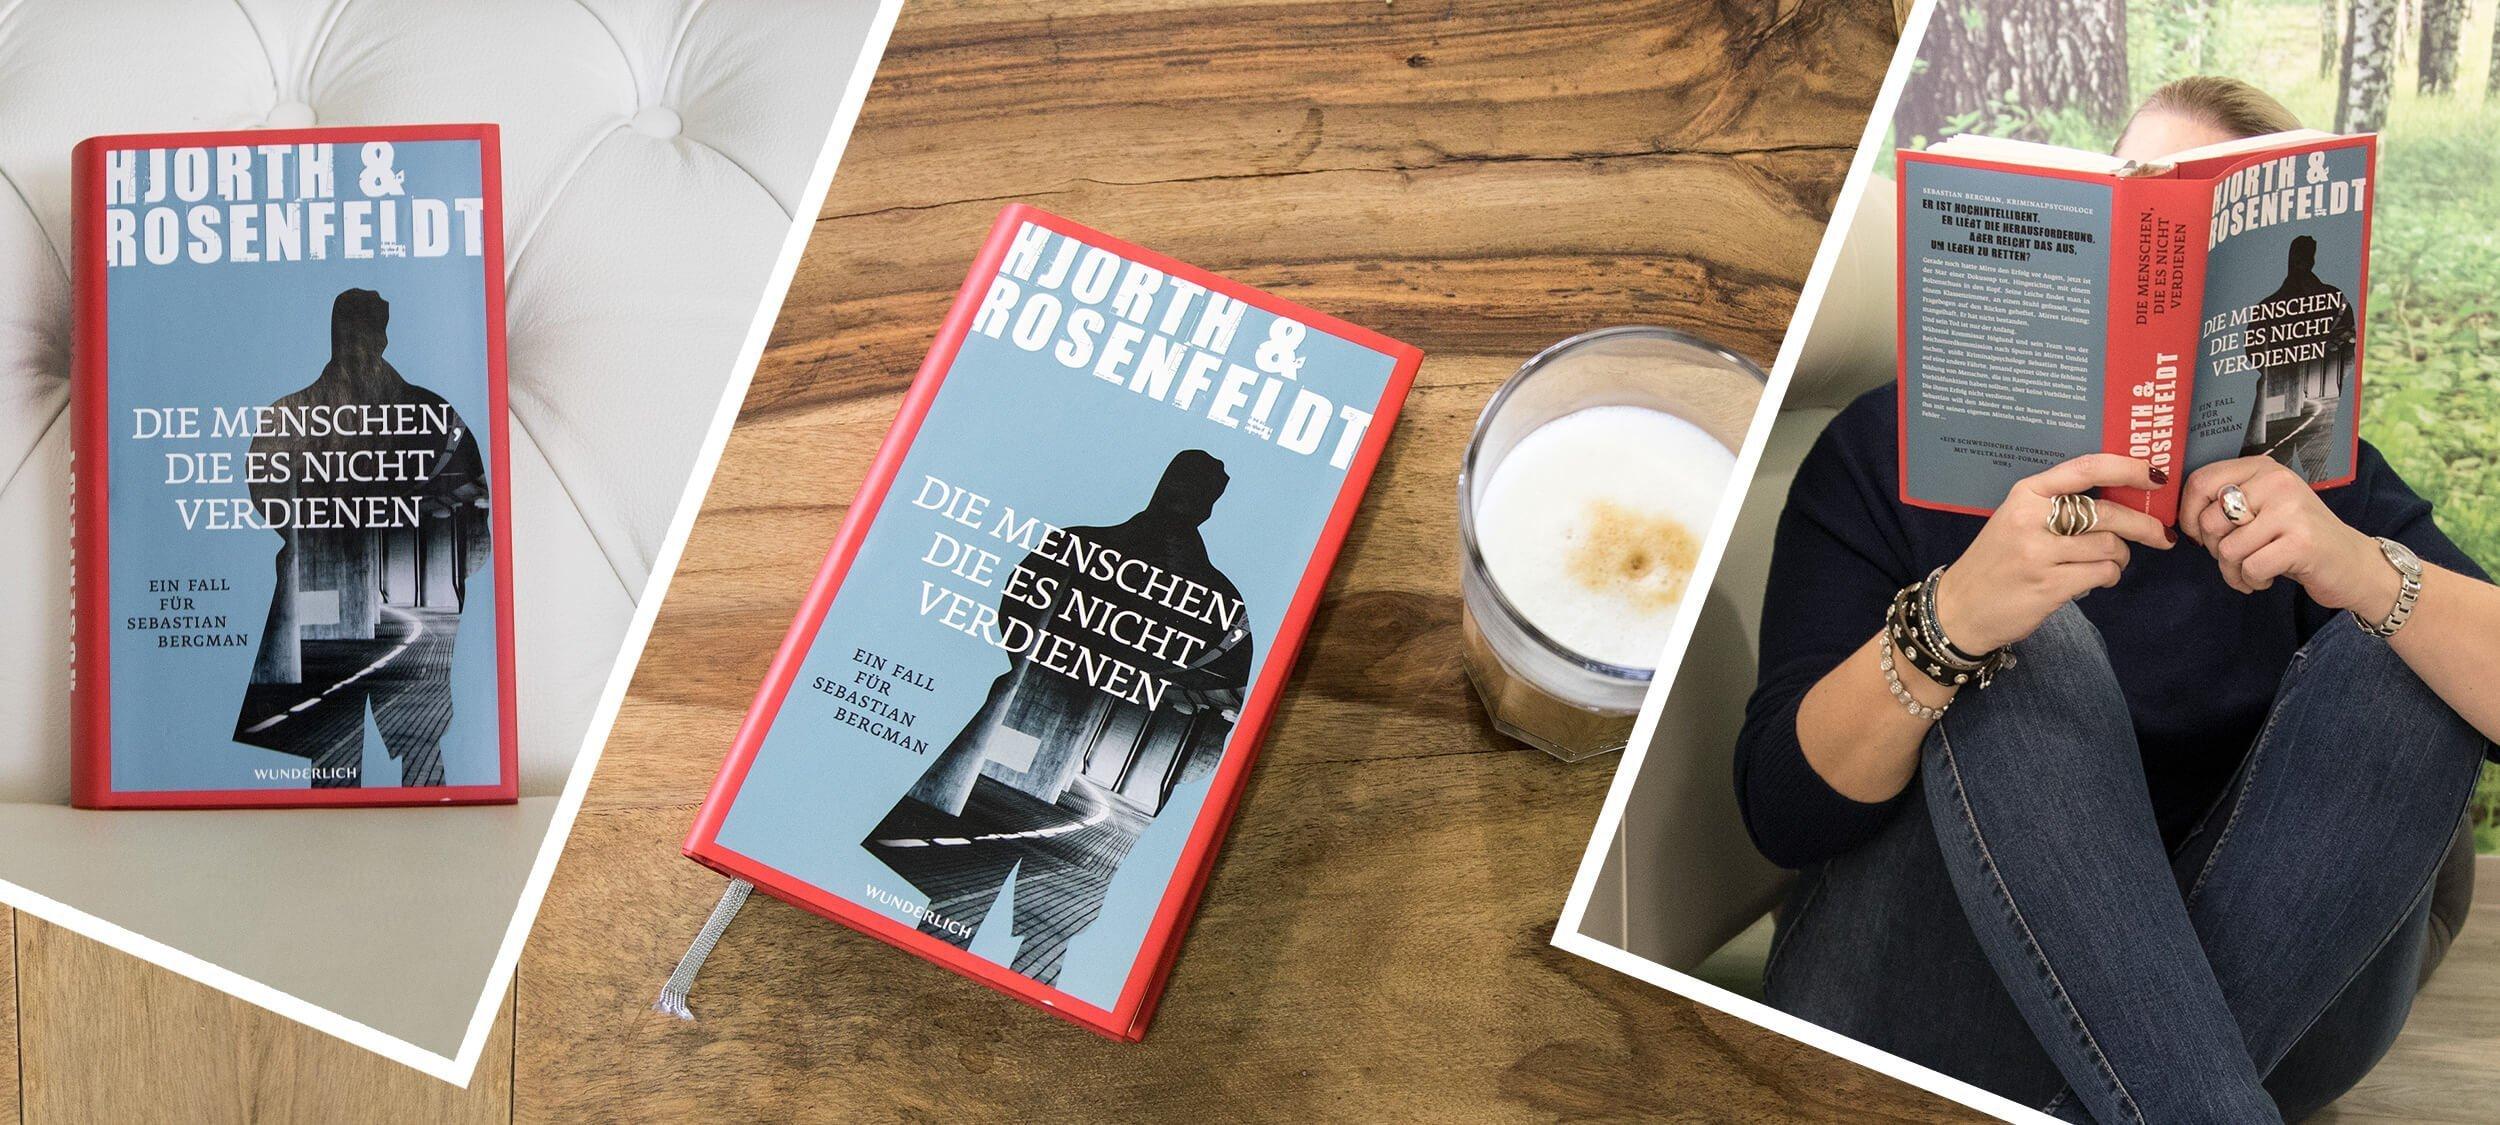 """Buch-Tipp des Monats Mai: """"Die Menschen, die es nicht verdienen"""" von Hjorth & Rosenfeldt"""